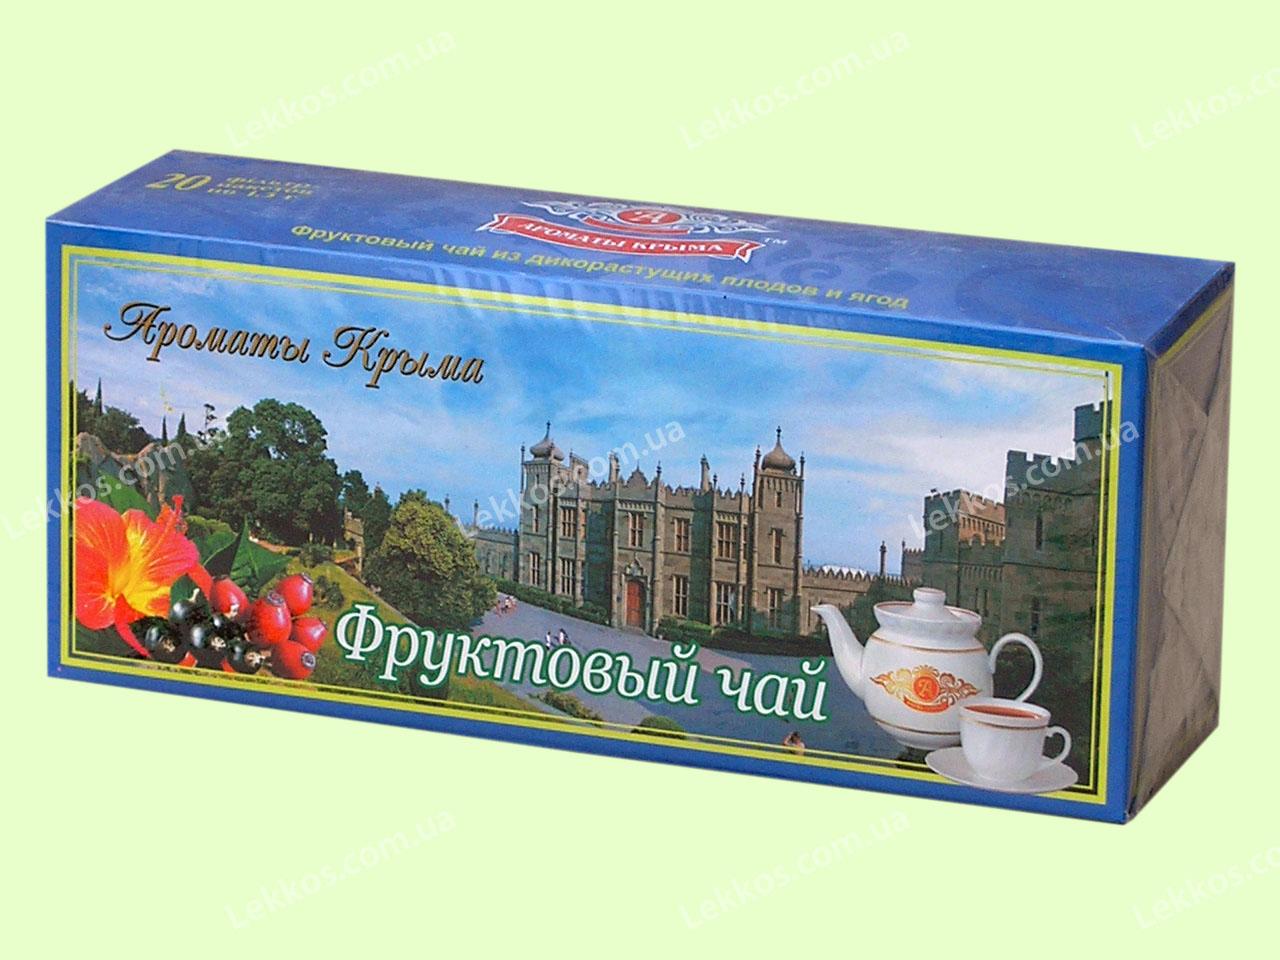 Фруктовый чай из дикорастущих плодов и ягод пакетированный 20 пакетиков